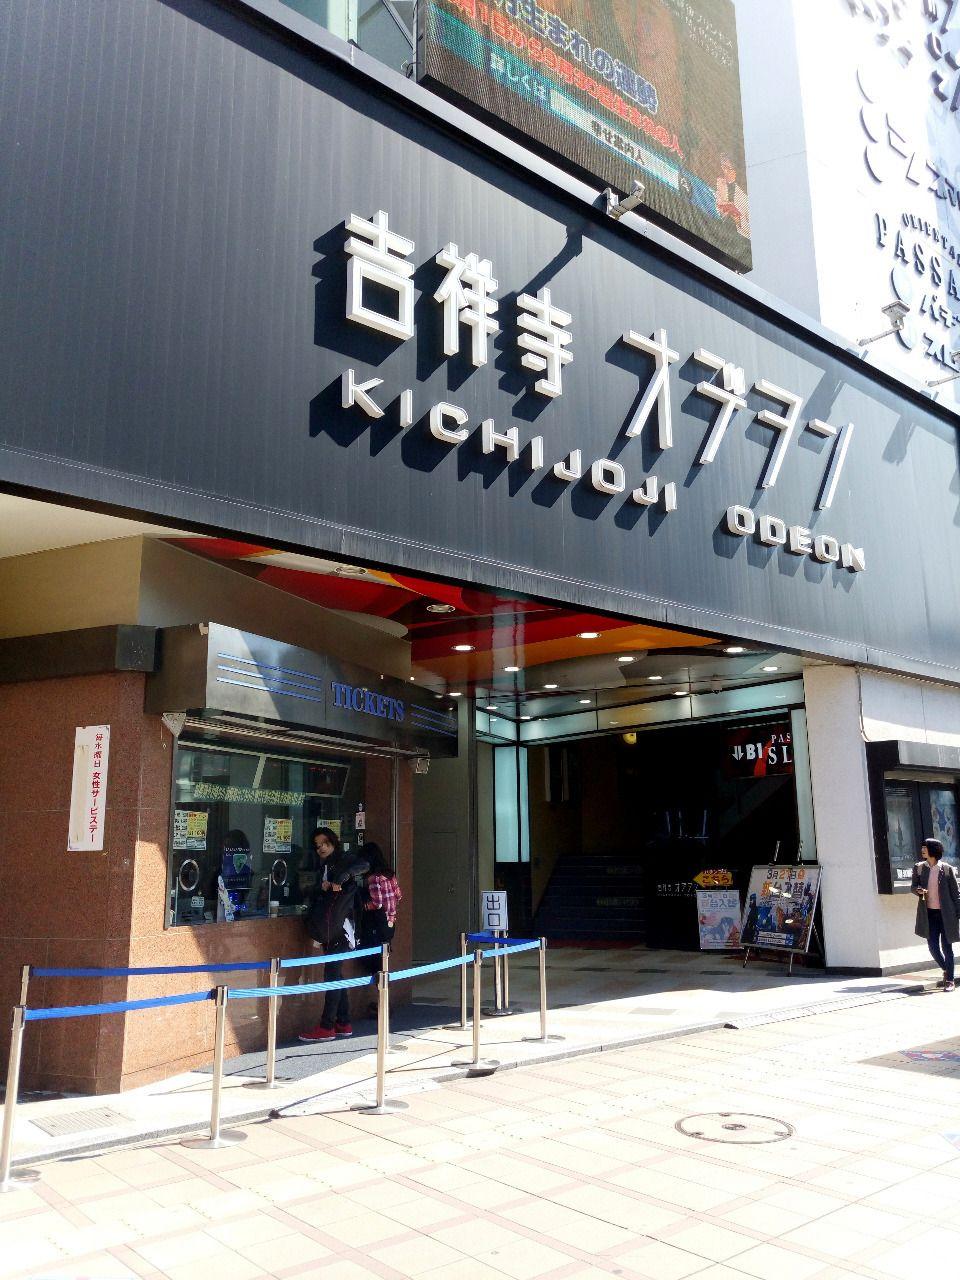 吉祥寺駅前の映画館オデオンは立地も良く、人気の映画館です